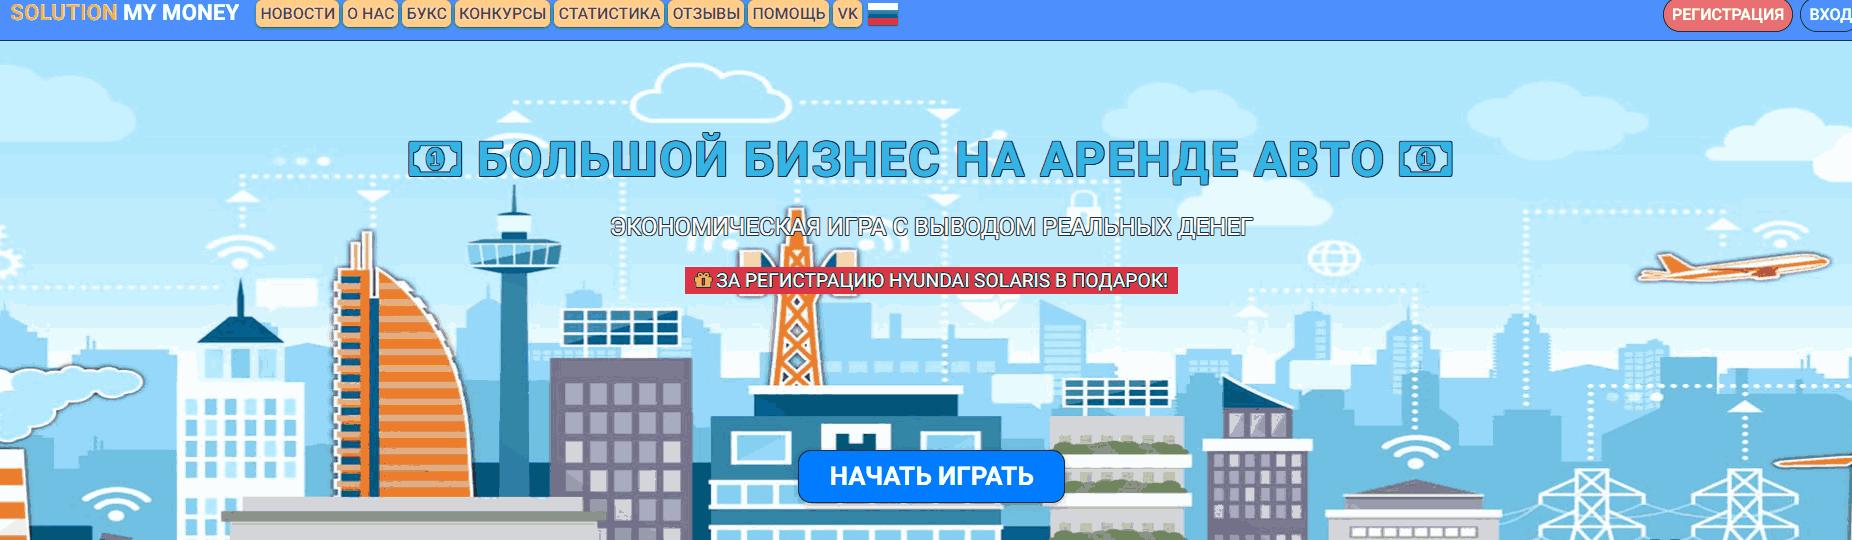 Solutiommoney сайт компании